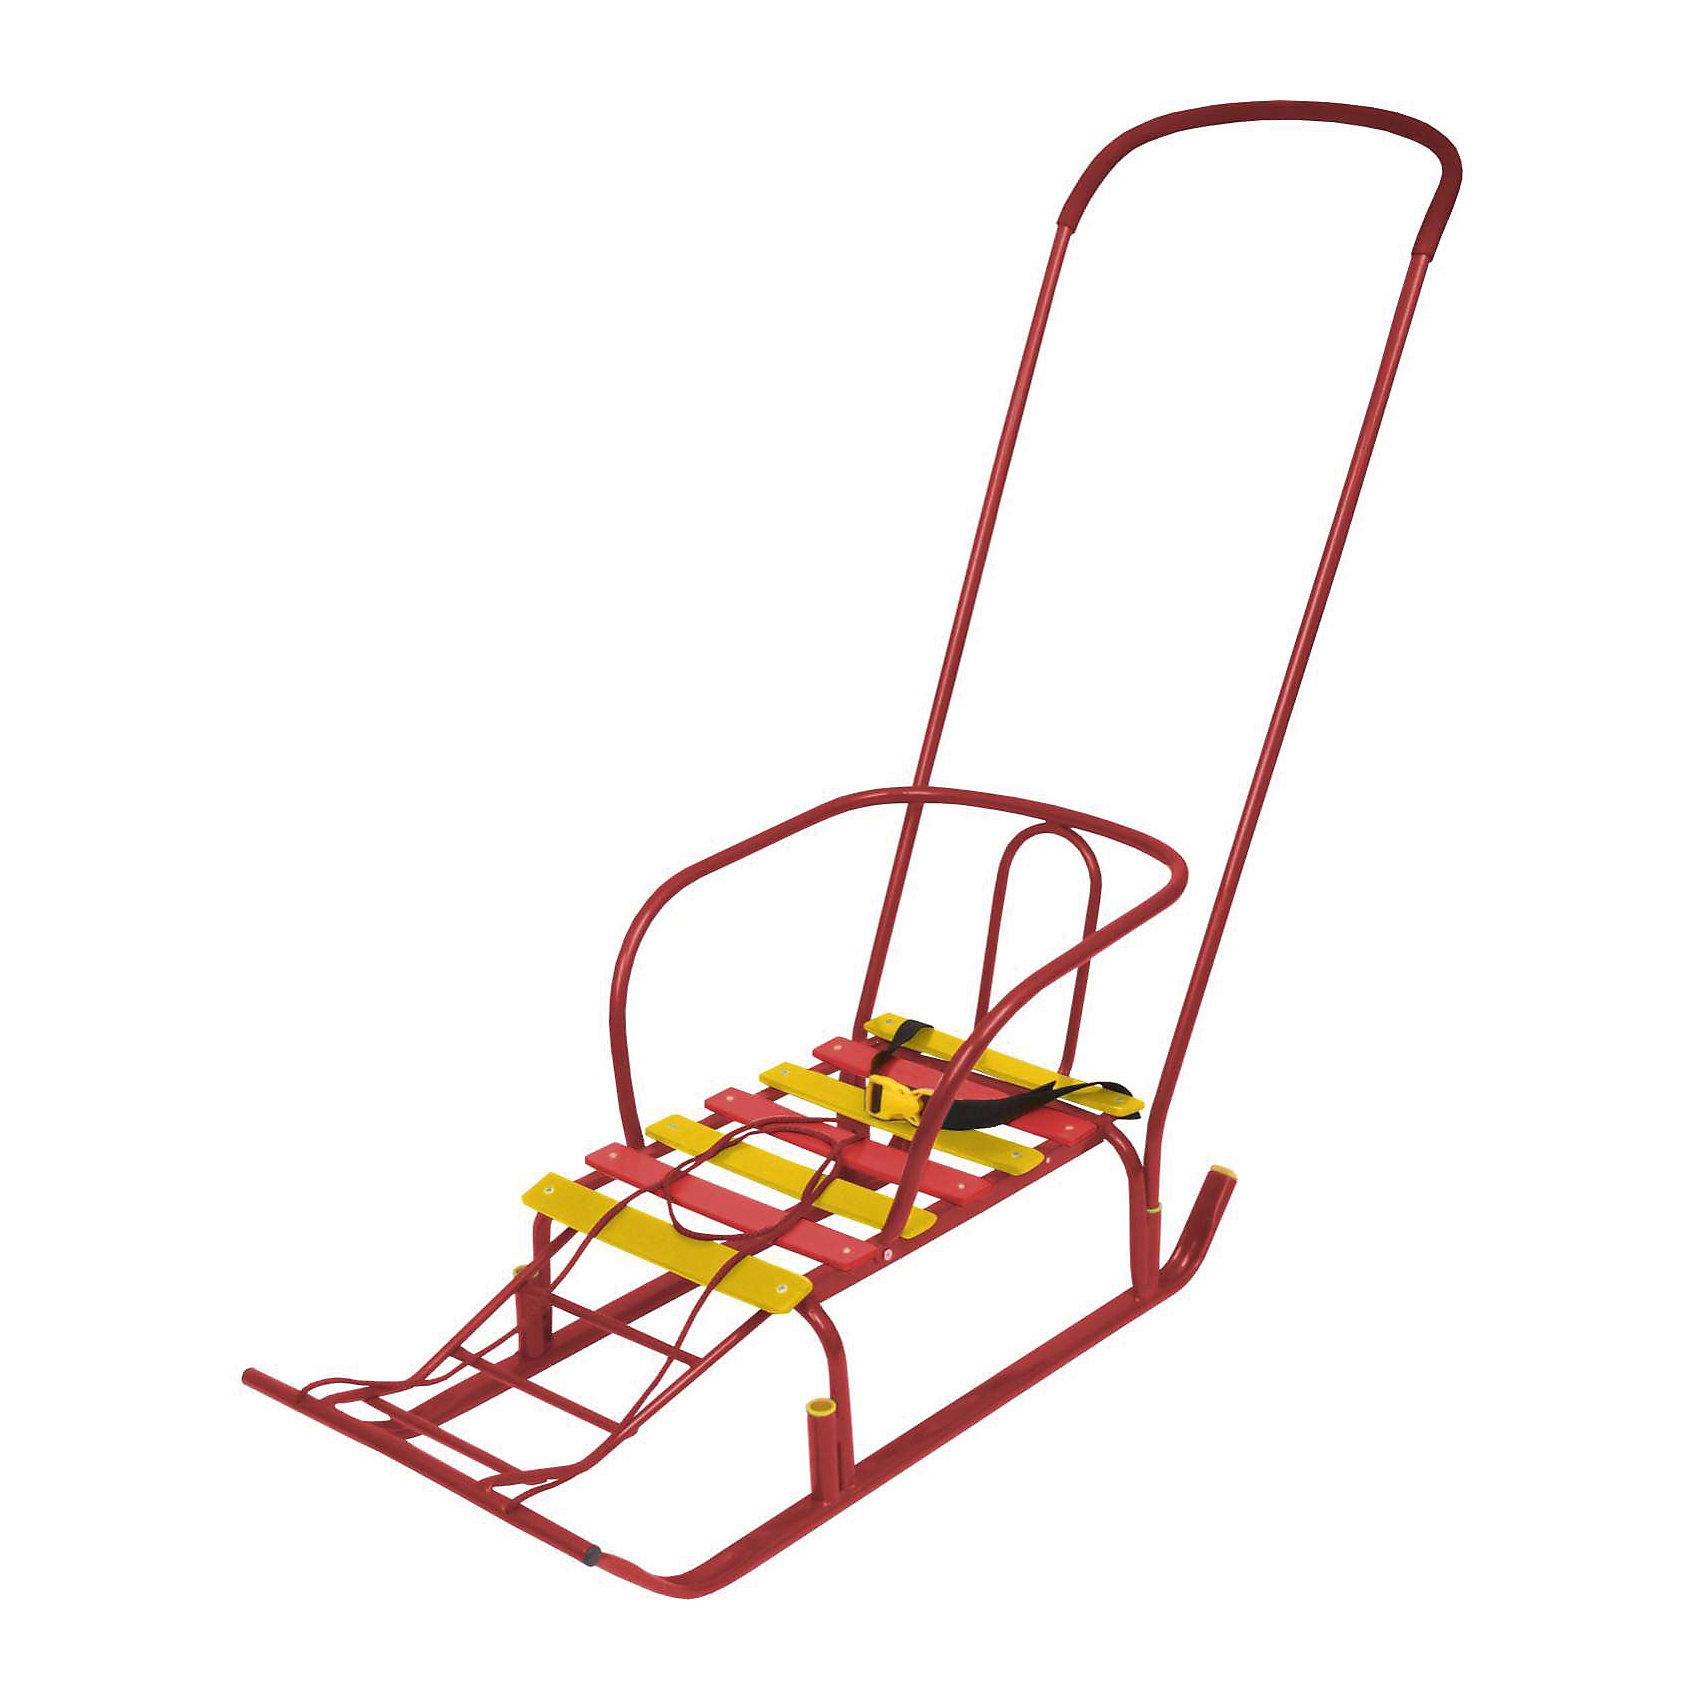 Санки детские Тимка 5, красныйСанки и снегокаты<br>Санки детские Тимка 5, красный,  произведены отечественным торговым брендом Ника. Санки выполнены в классическом исполнении: металлический каркас, широкие плоские полозья, высокая спинка – все эти элементы делают их удобными и безопасными.  Сани укомплектованы съемной ручкой, которая может устанавливаться в двух положениях. Кроме того, у них предусмотрена удлиненная ступенчатая подножка. Санки детские окрашены в яркие цвета: красный и желтый.<br>Санки детские Тимка 5, красный –  это комфорт и безопасность для ребенка и удобство для родителей.<br><br>Дополнительная информация:<br><br>- Предназначение: для зимних прогулок<br>- Материал: металл<br>- Пол: для девочки<br>- Максимальный вес: 25 кг<br>- Цвет: красный, желтый<br>- Размер (Д*Ш*В): 83*37*18 см<br>- Вес: 4 кг 100 г<br>- Особенности ухода: можно протирать влажной губкой<br><br>Подробнее:<br><br>• Для детей в возрасте: от 8 месяцев и до 4 лет<br>• Страна производитель: Россия<br>• Торговый бренд: Ника<br><br>Санки детские Тимка 5, красный, можно купить в нашем интернет-магазине.<br><br>Ширина мм: 830<br>Глубина мм: 370<br>Высота мм: 180<br>Вес г: 4100<br>Возраст от месяцев: -2147483648<br>Возраст до месяцев: 2147483647<br>Пол: Женский<br>Возраст: Детский<br>SKU: 4935351